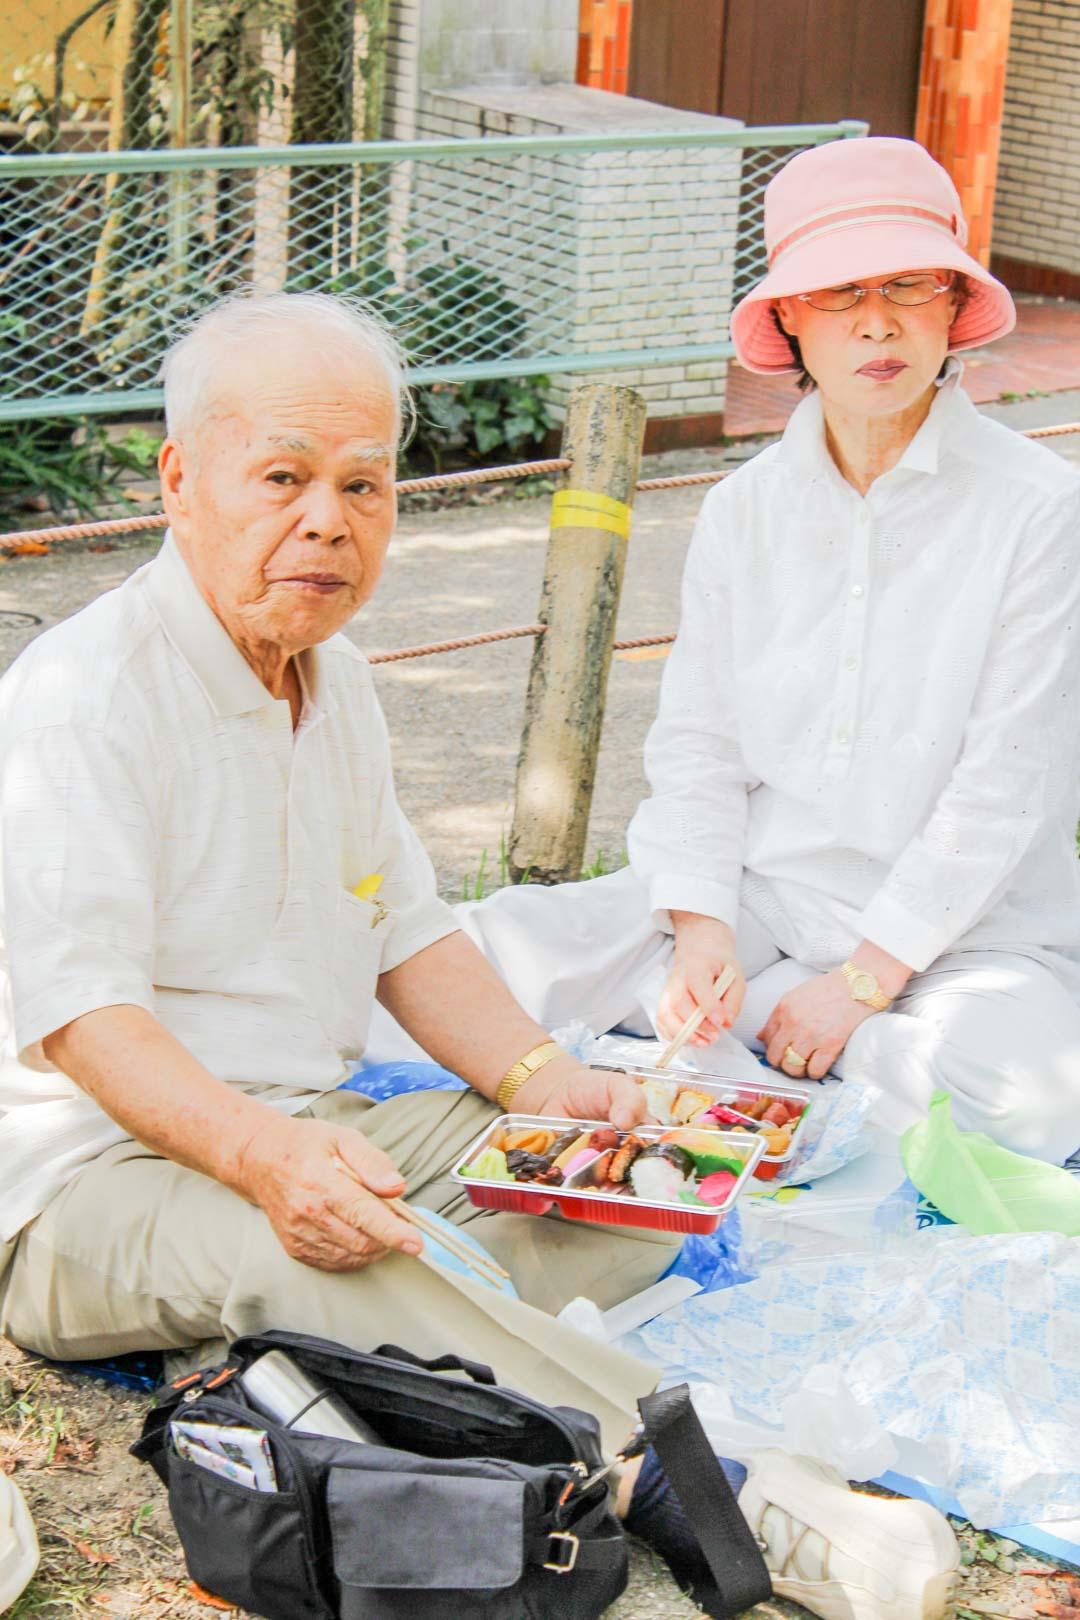 bento-piknikillä filosofin polulla Kiotossa Japanissa